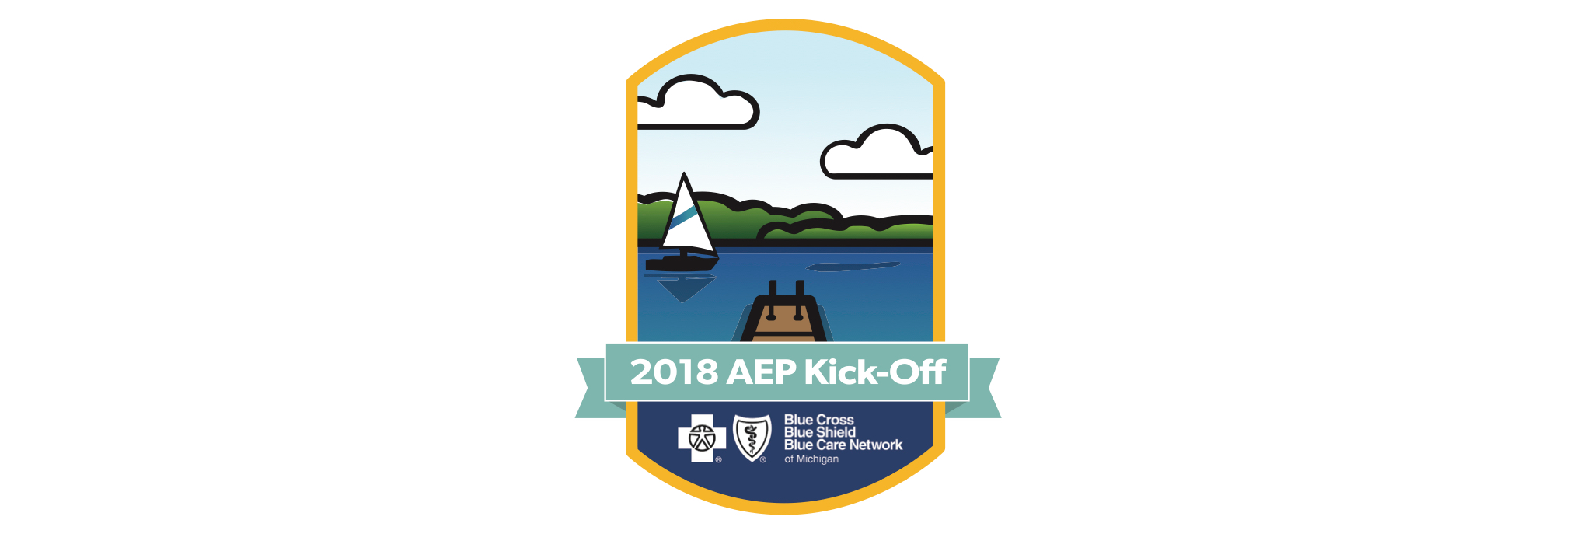 BCBSM 2018 AEP Kick-Off